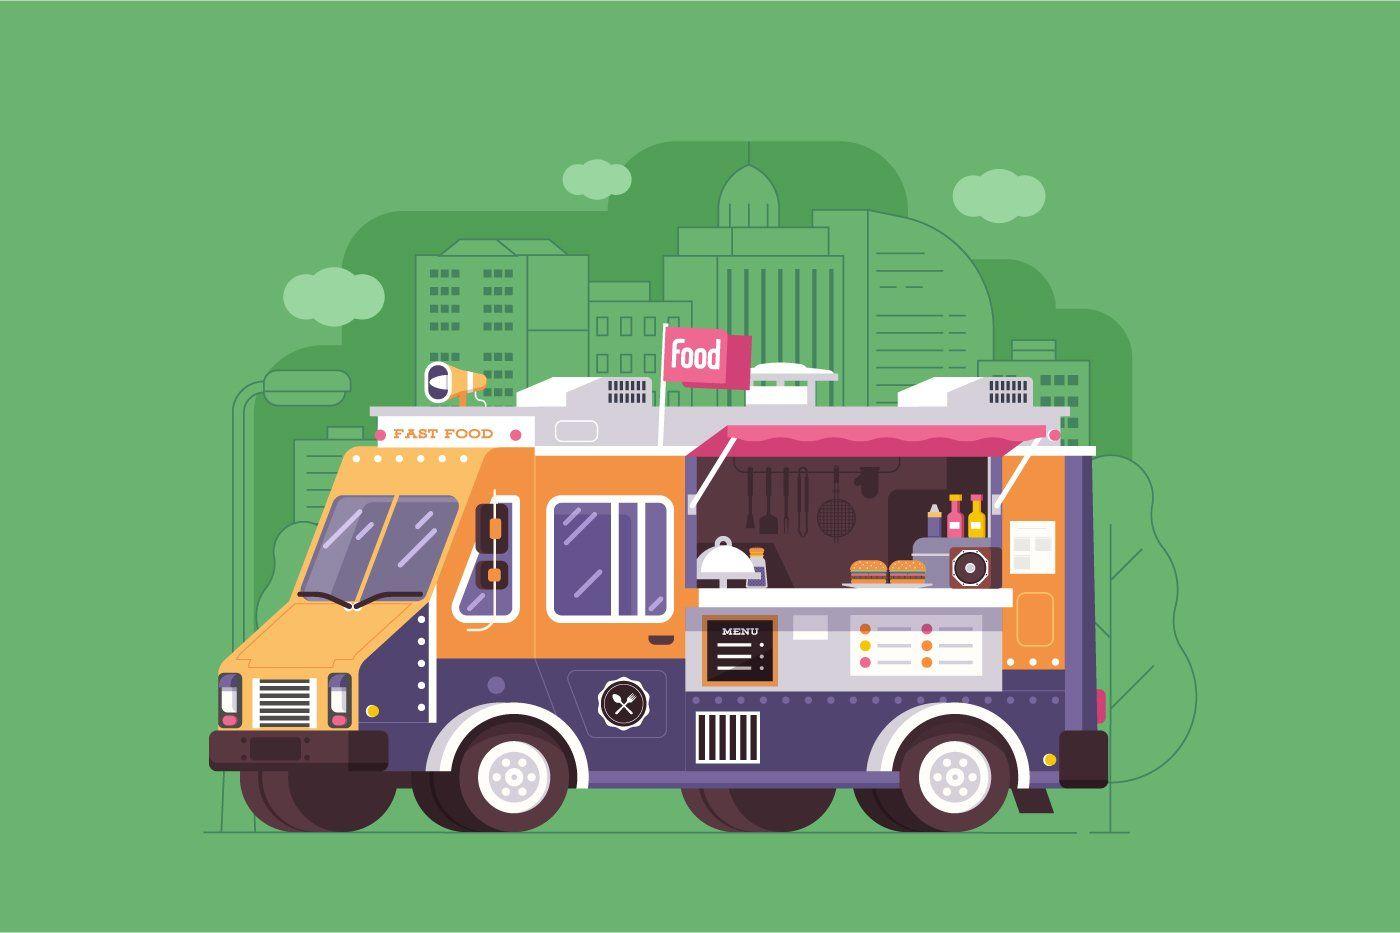 Street Food Trucks And Vans Food Truck Street Food Coffee Van